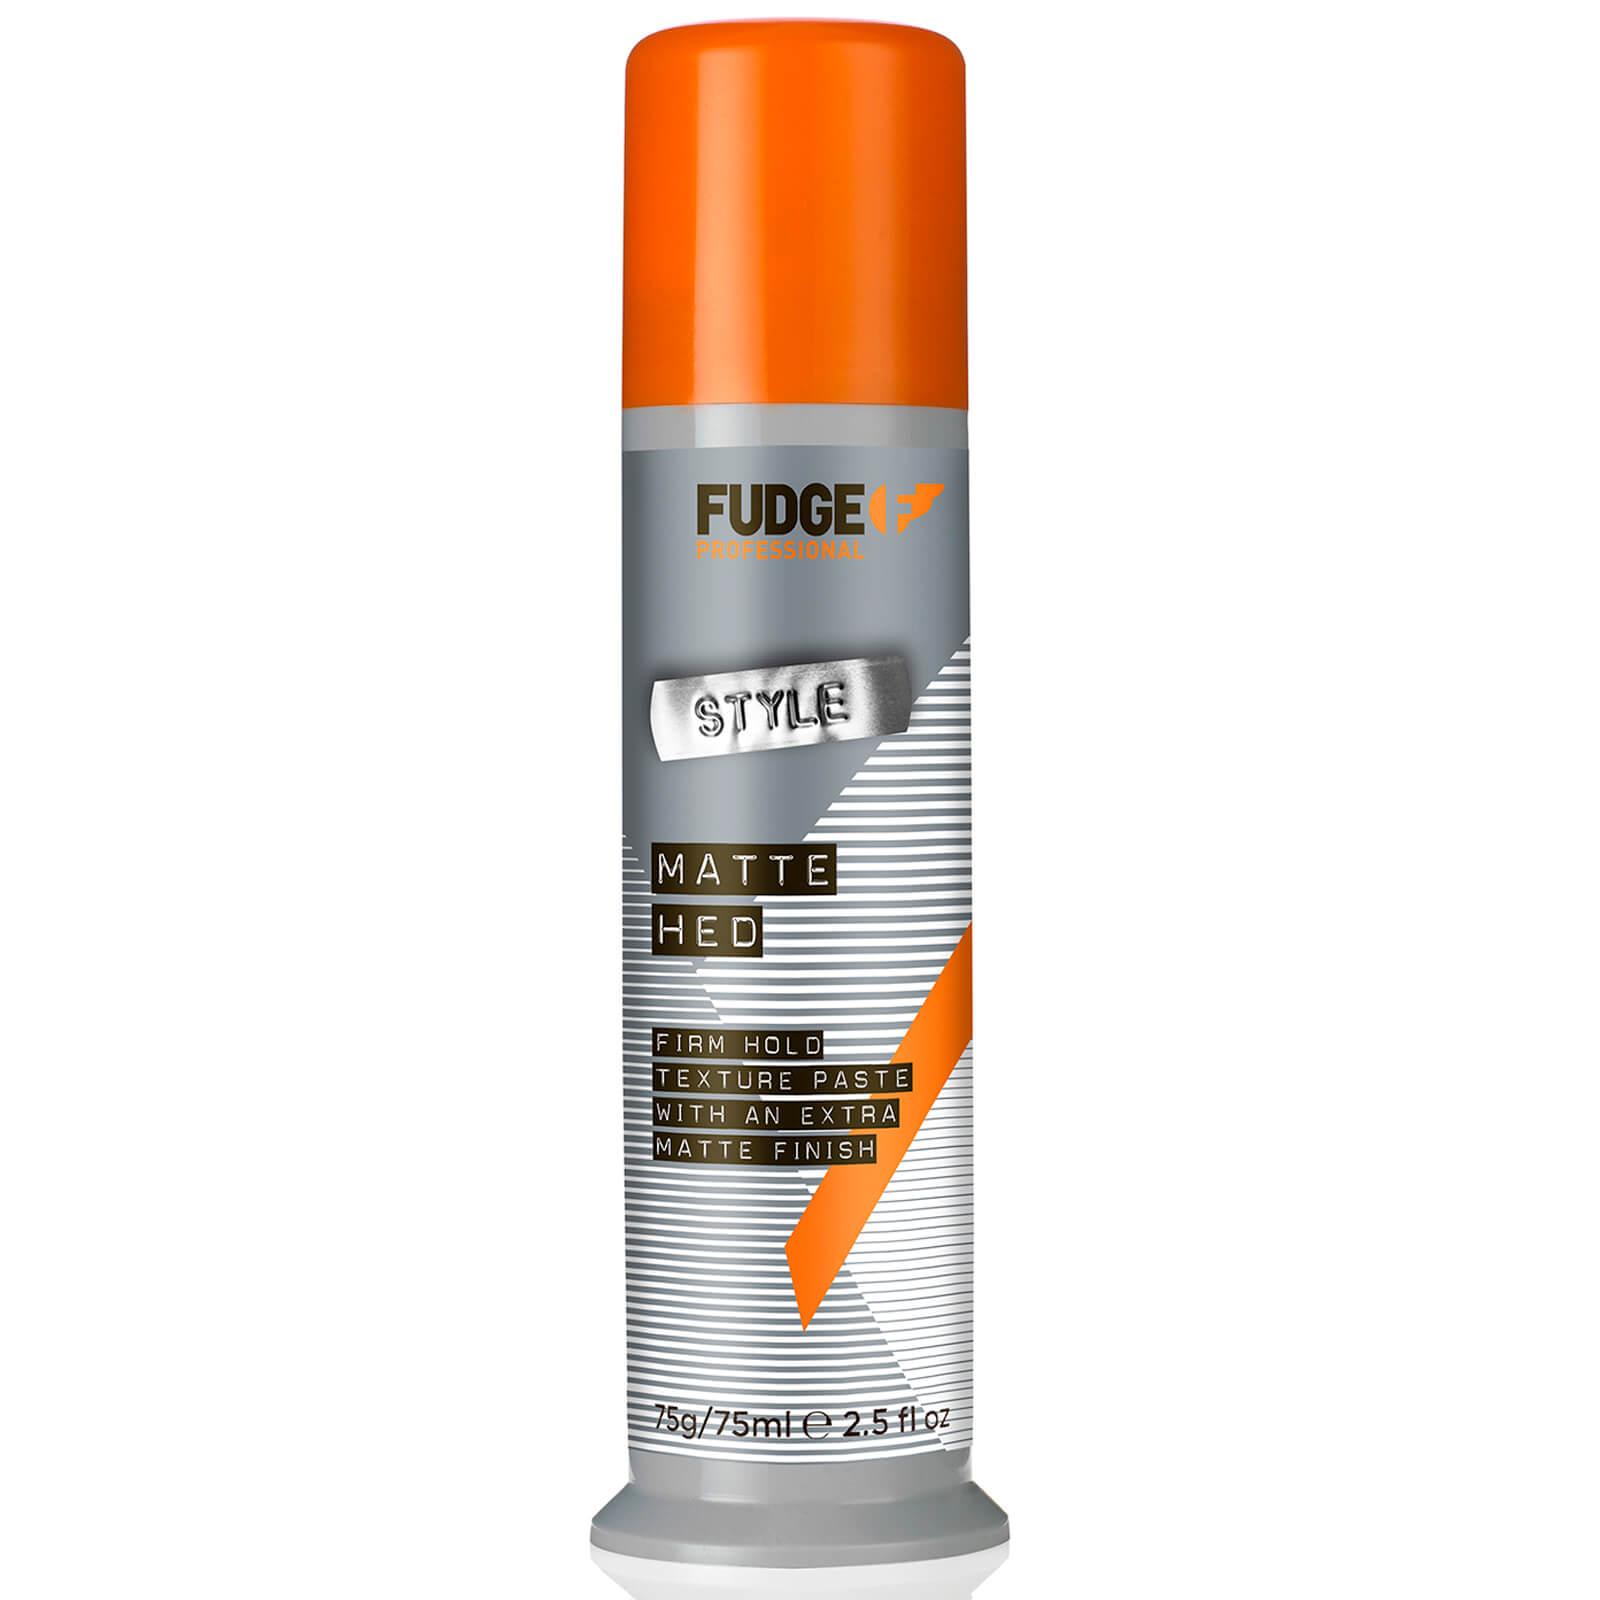 Fudge Matte Hed Texture Paste - 75g